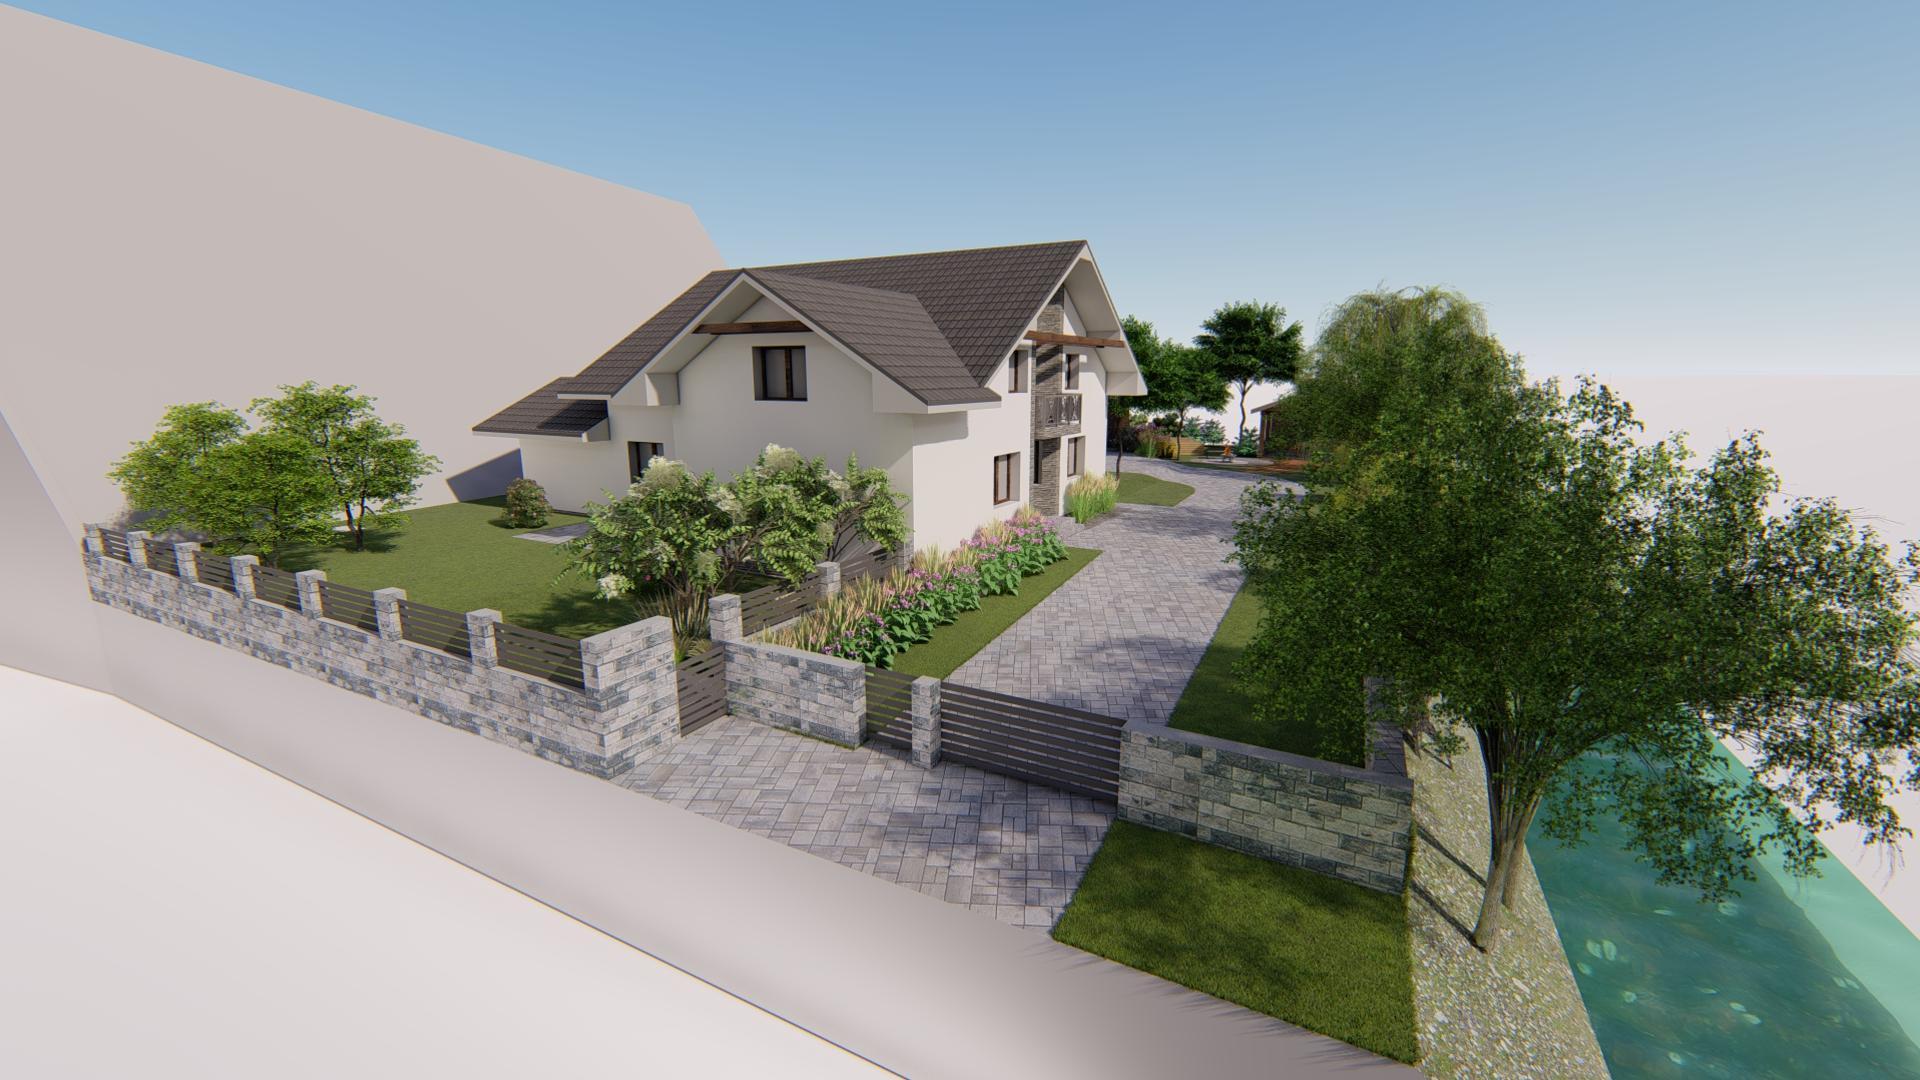 Návrh fasády, oprotenia, chodníkov a záhrady rodinného domu - Obrázok č. 11